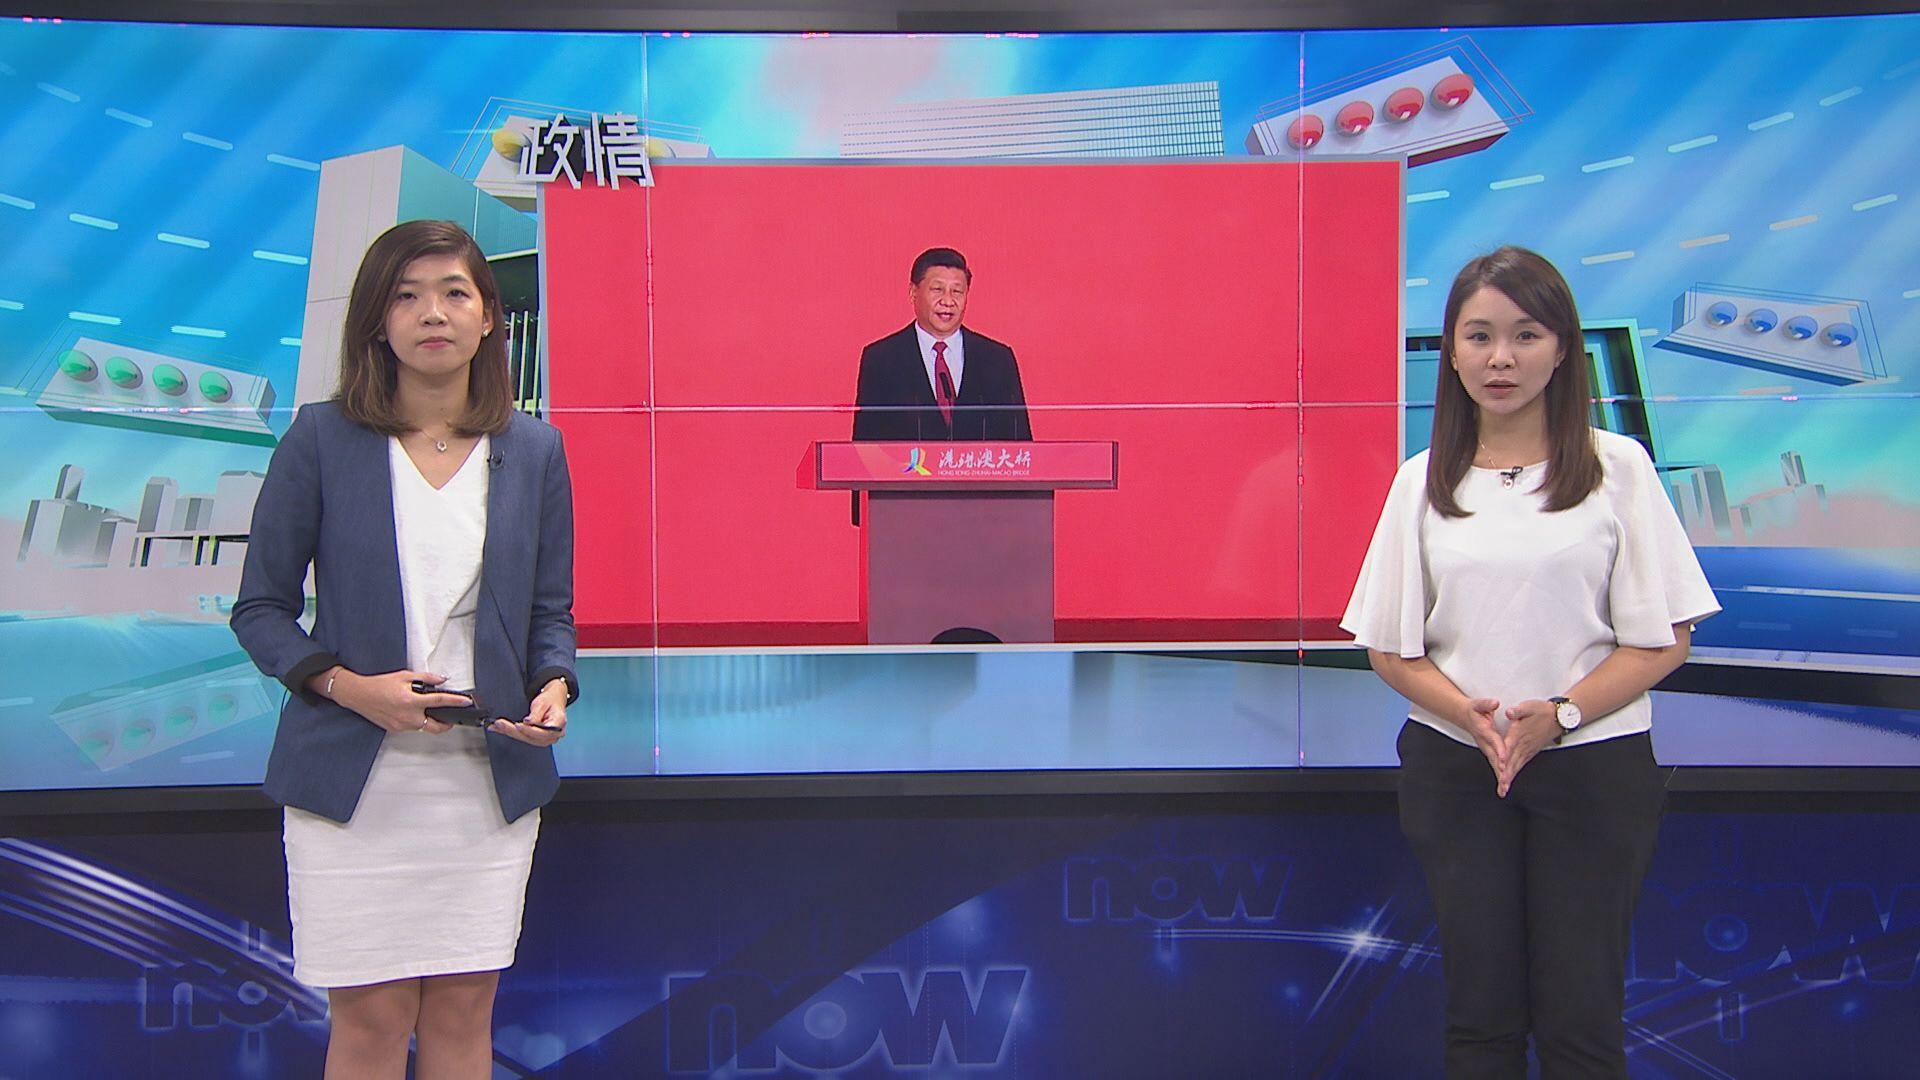 【政情】林鄭與習同行 政圈喜香港獲寵幸